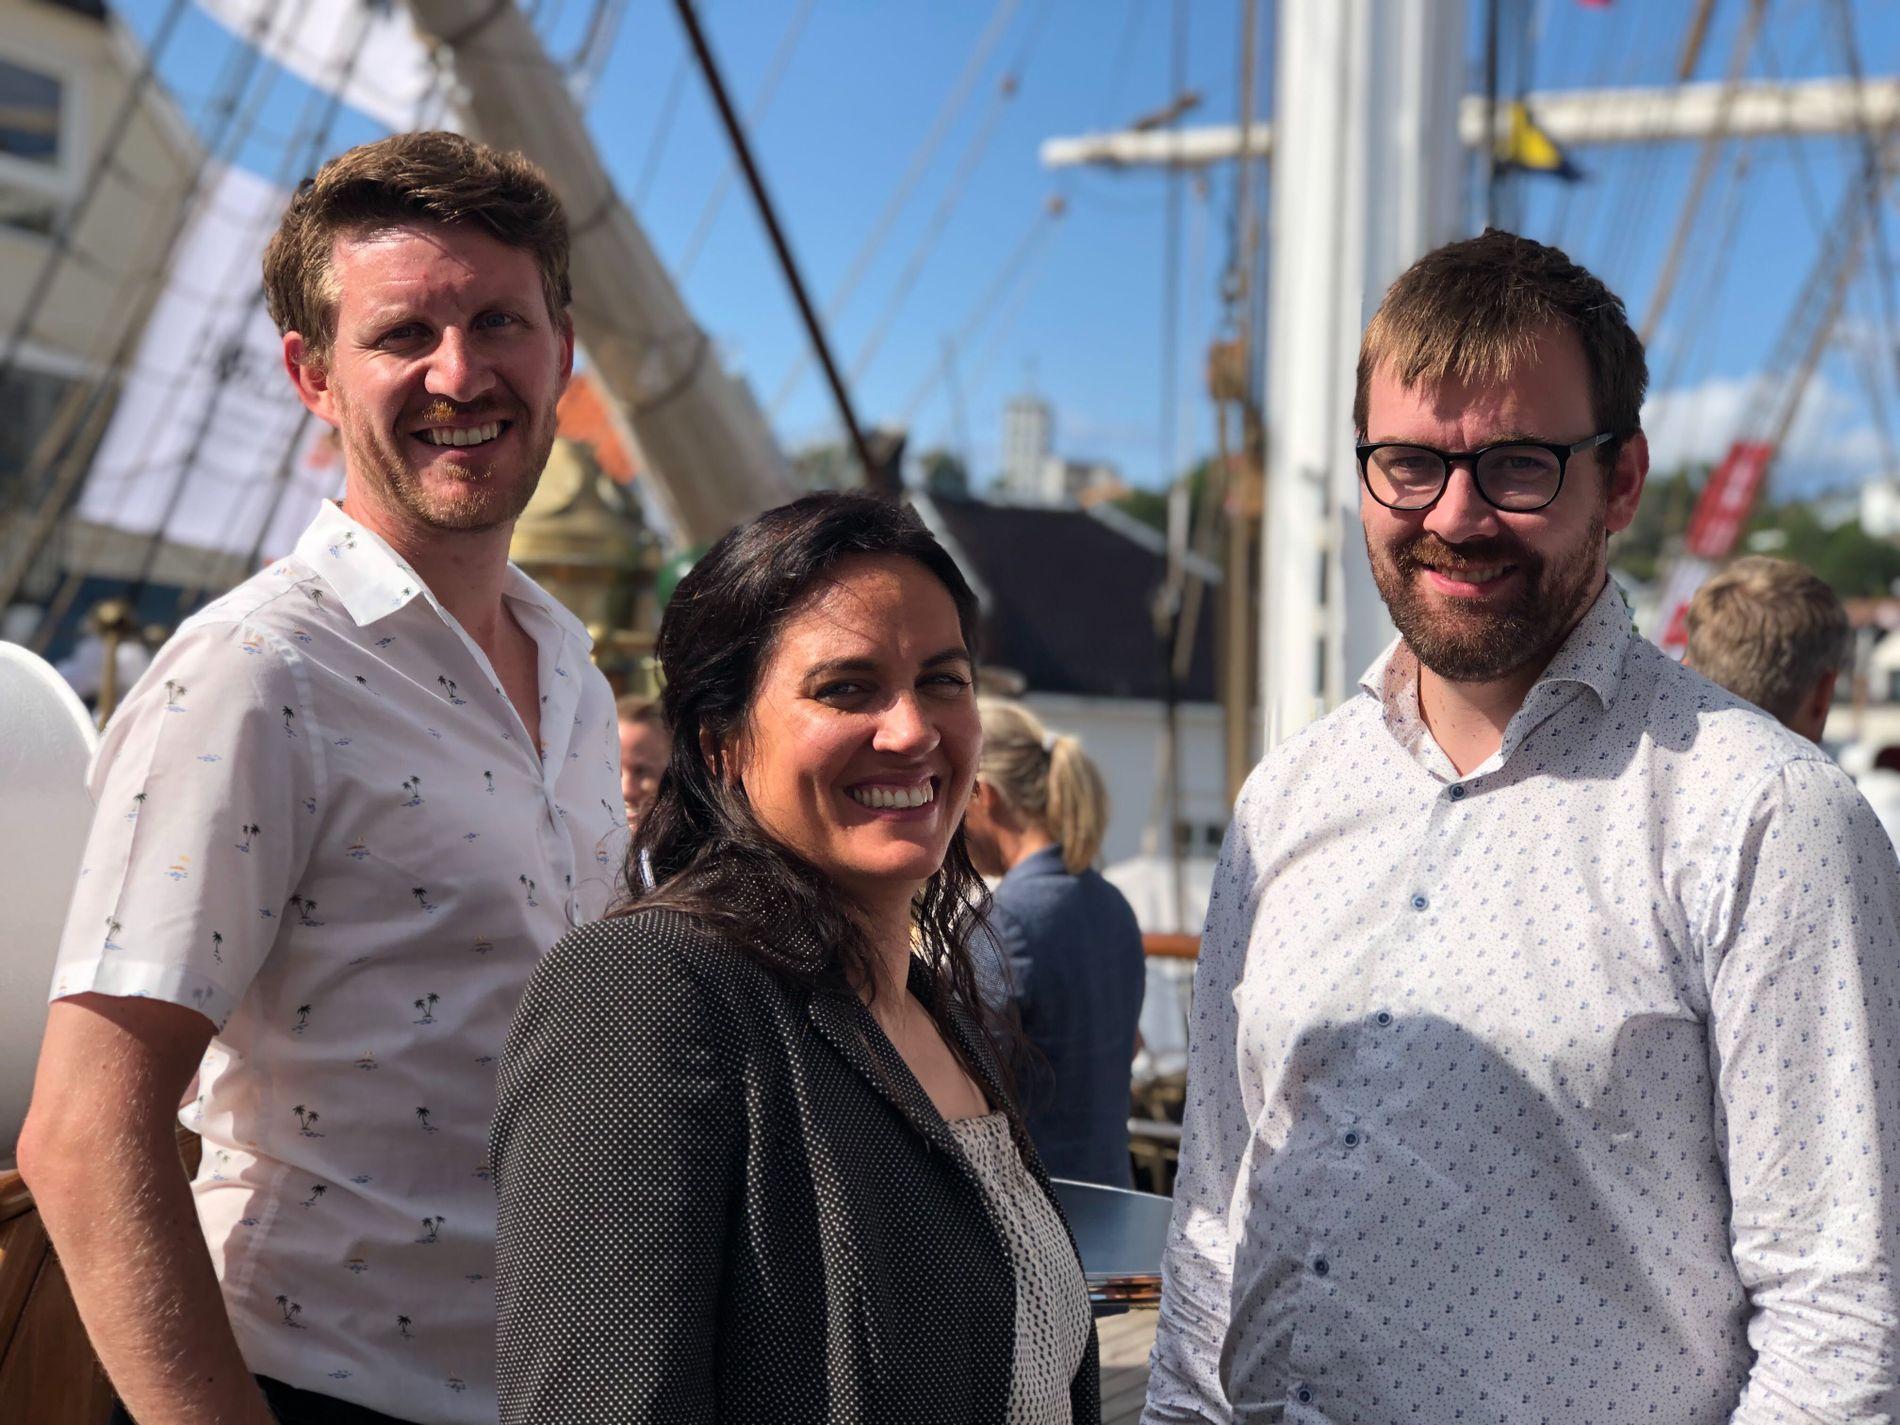 KLAR FOR VALKAMPSIRKUSET: Politisk redaktør Frøy Gudbrandsen og kommentator Jens Kihl er gjester i podkasten saman med kommentator Morten Myksvoll.